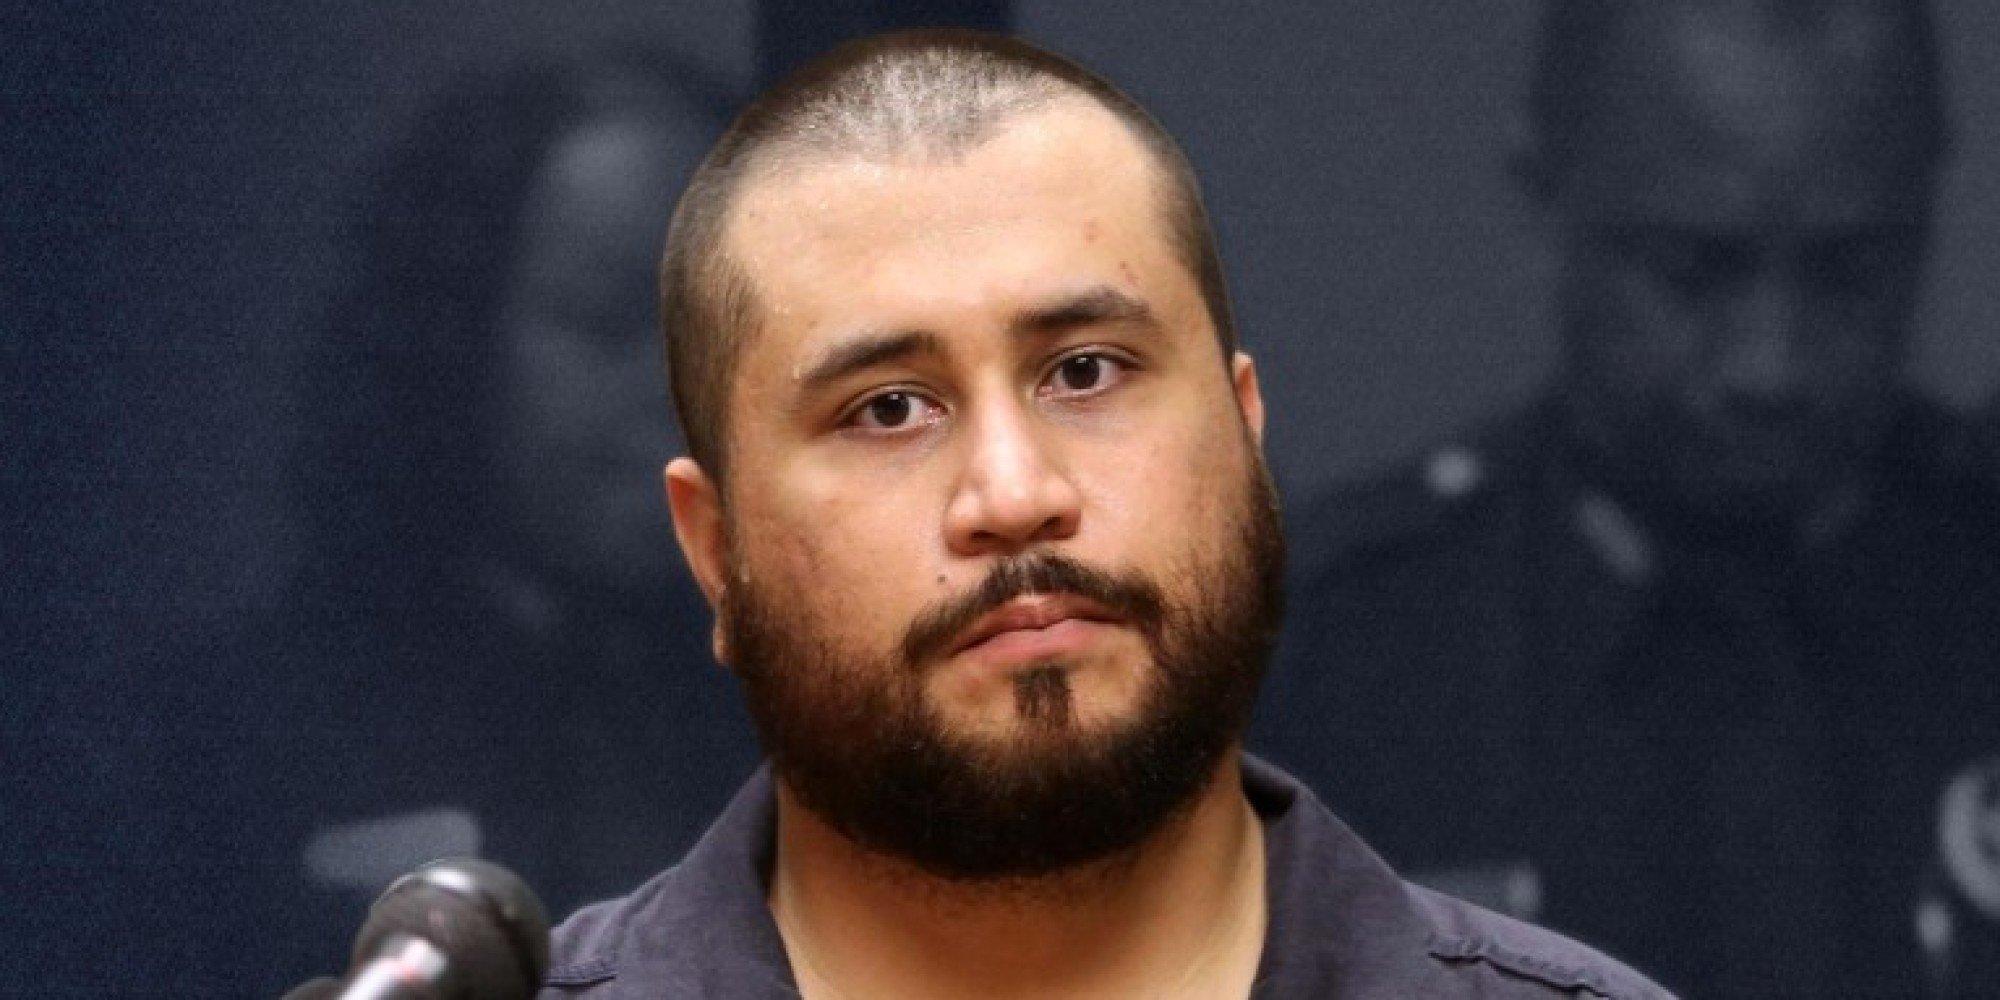 George Zimmerman Shooting Was Unjustifiable